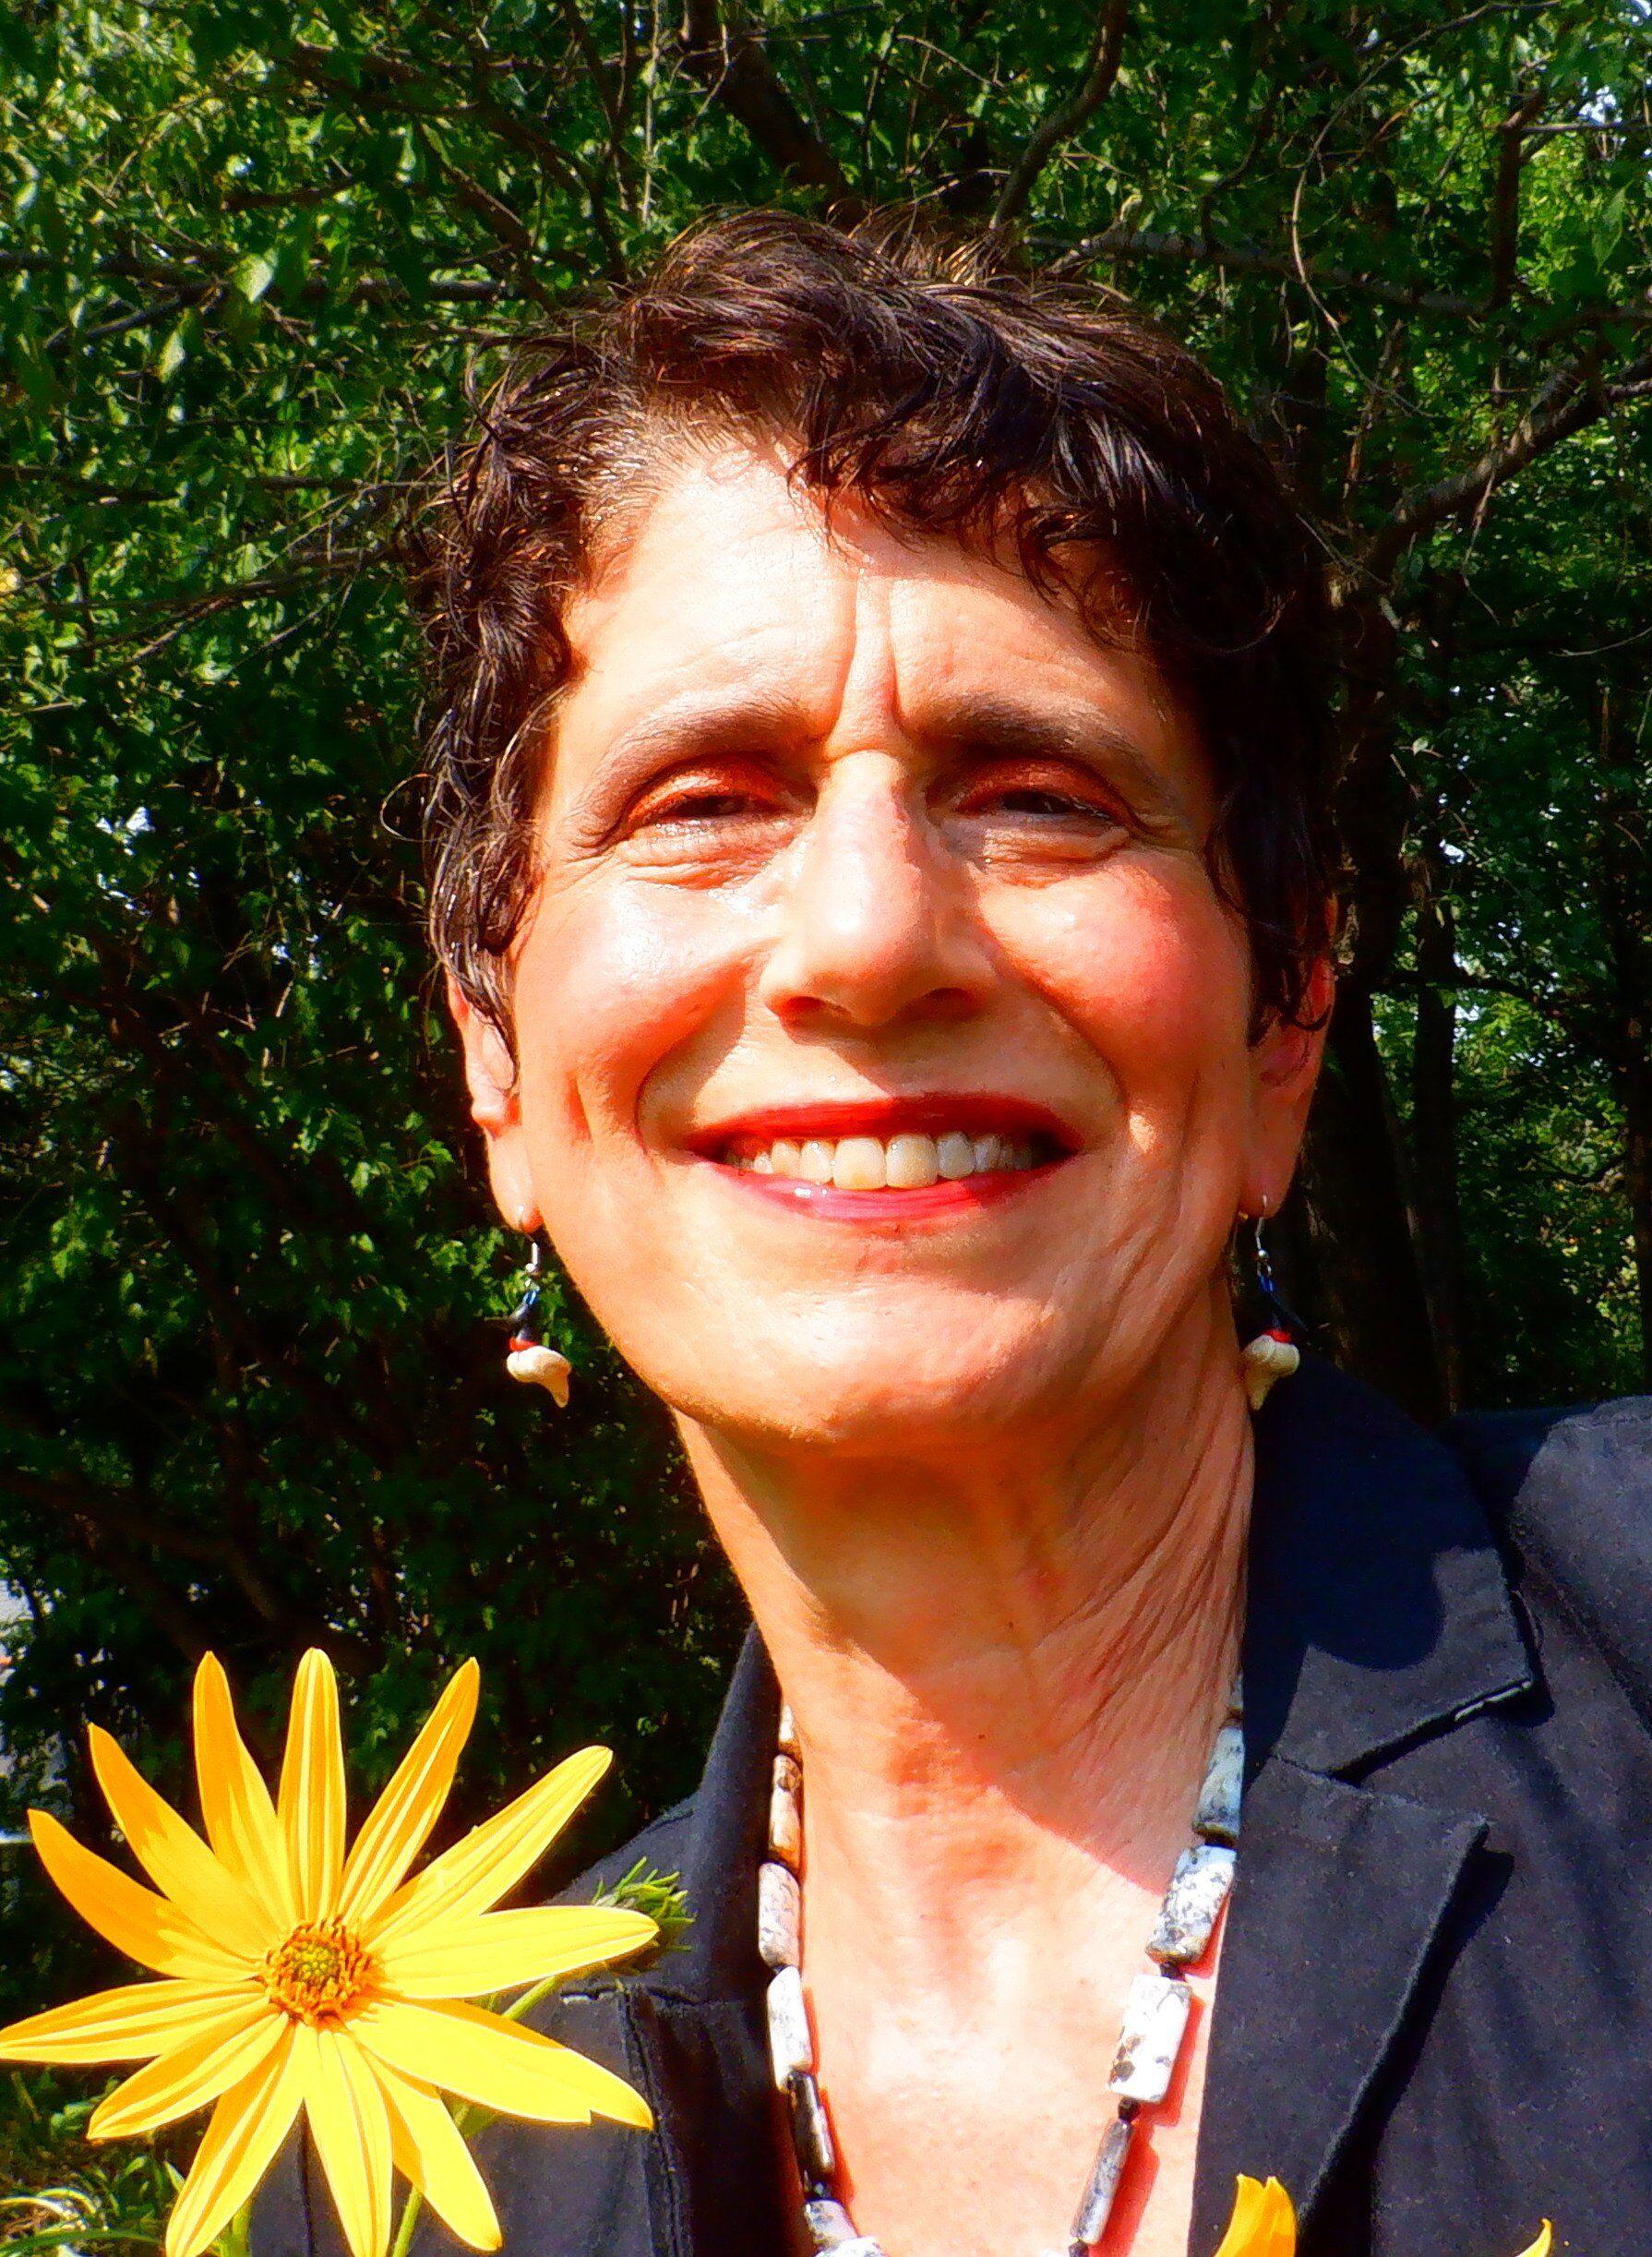 Karen Shragg